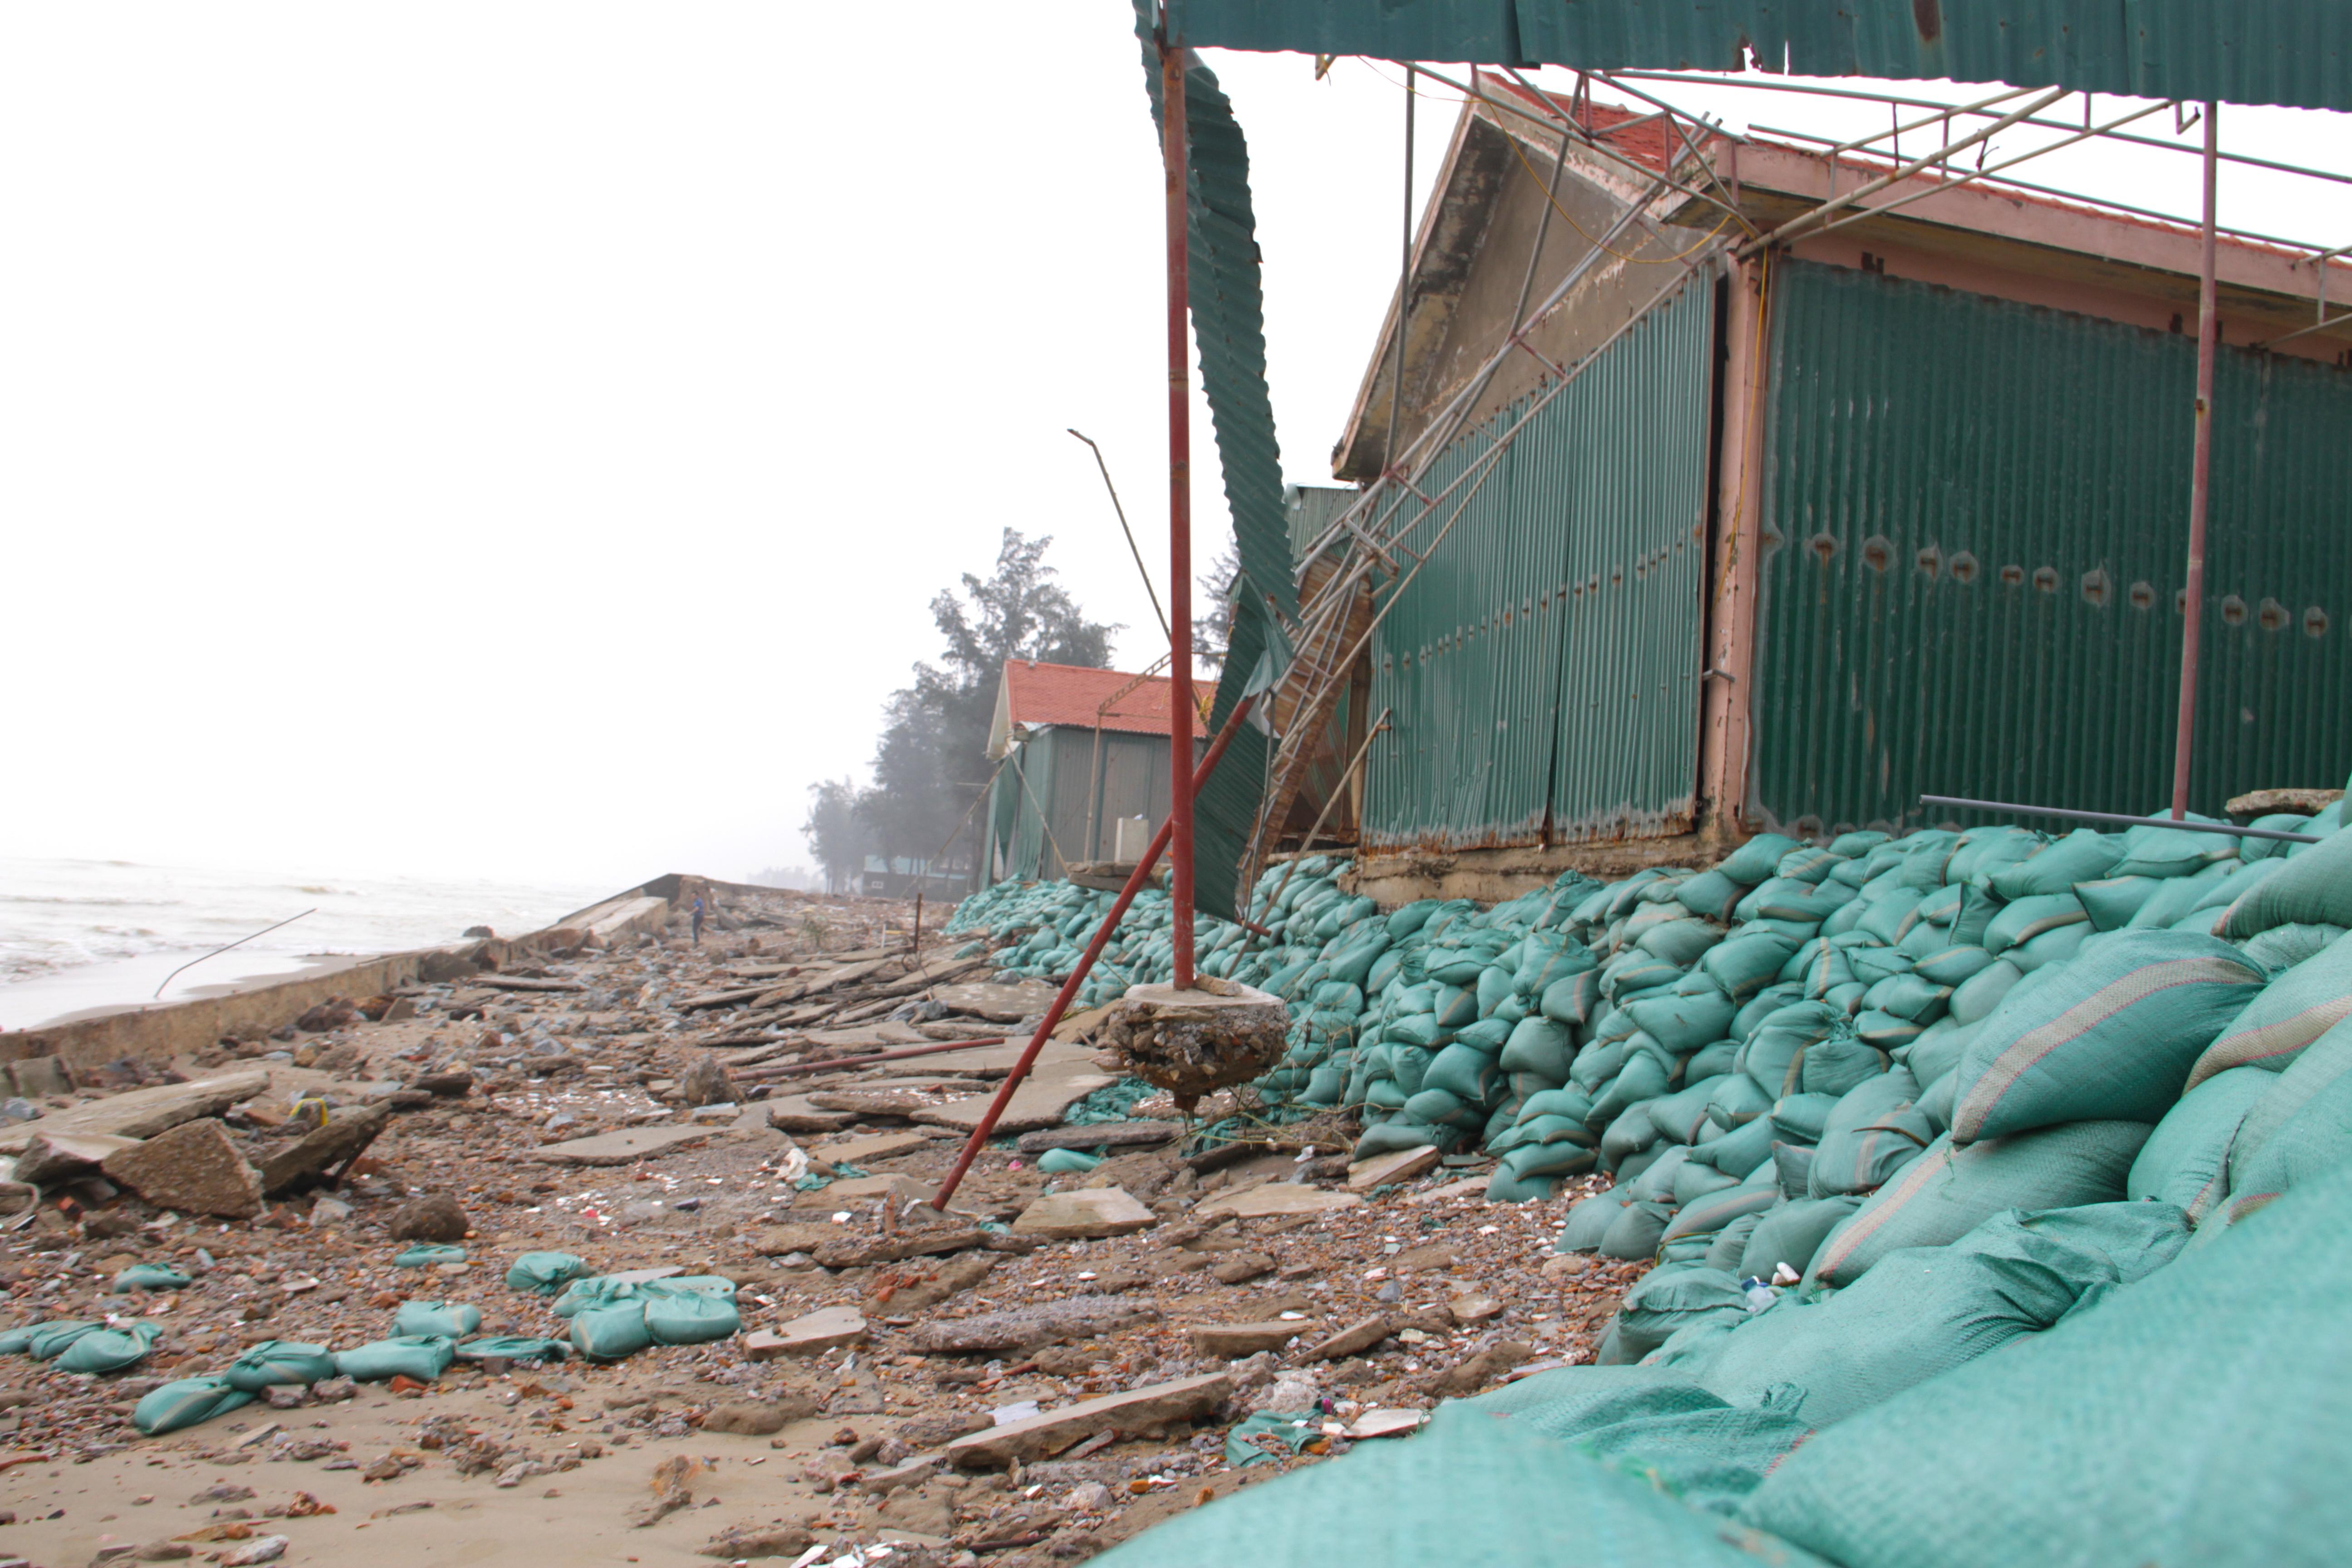 Cận cảnh gần 4km tuyến kè, đê biển Cửa Lò tan hoang sau bão lũ, hàng quán điêu đứng - Ảnh 13.